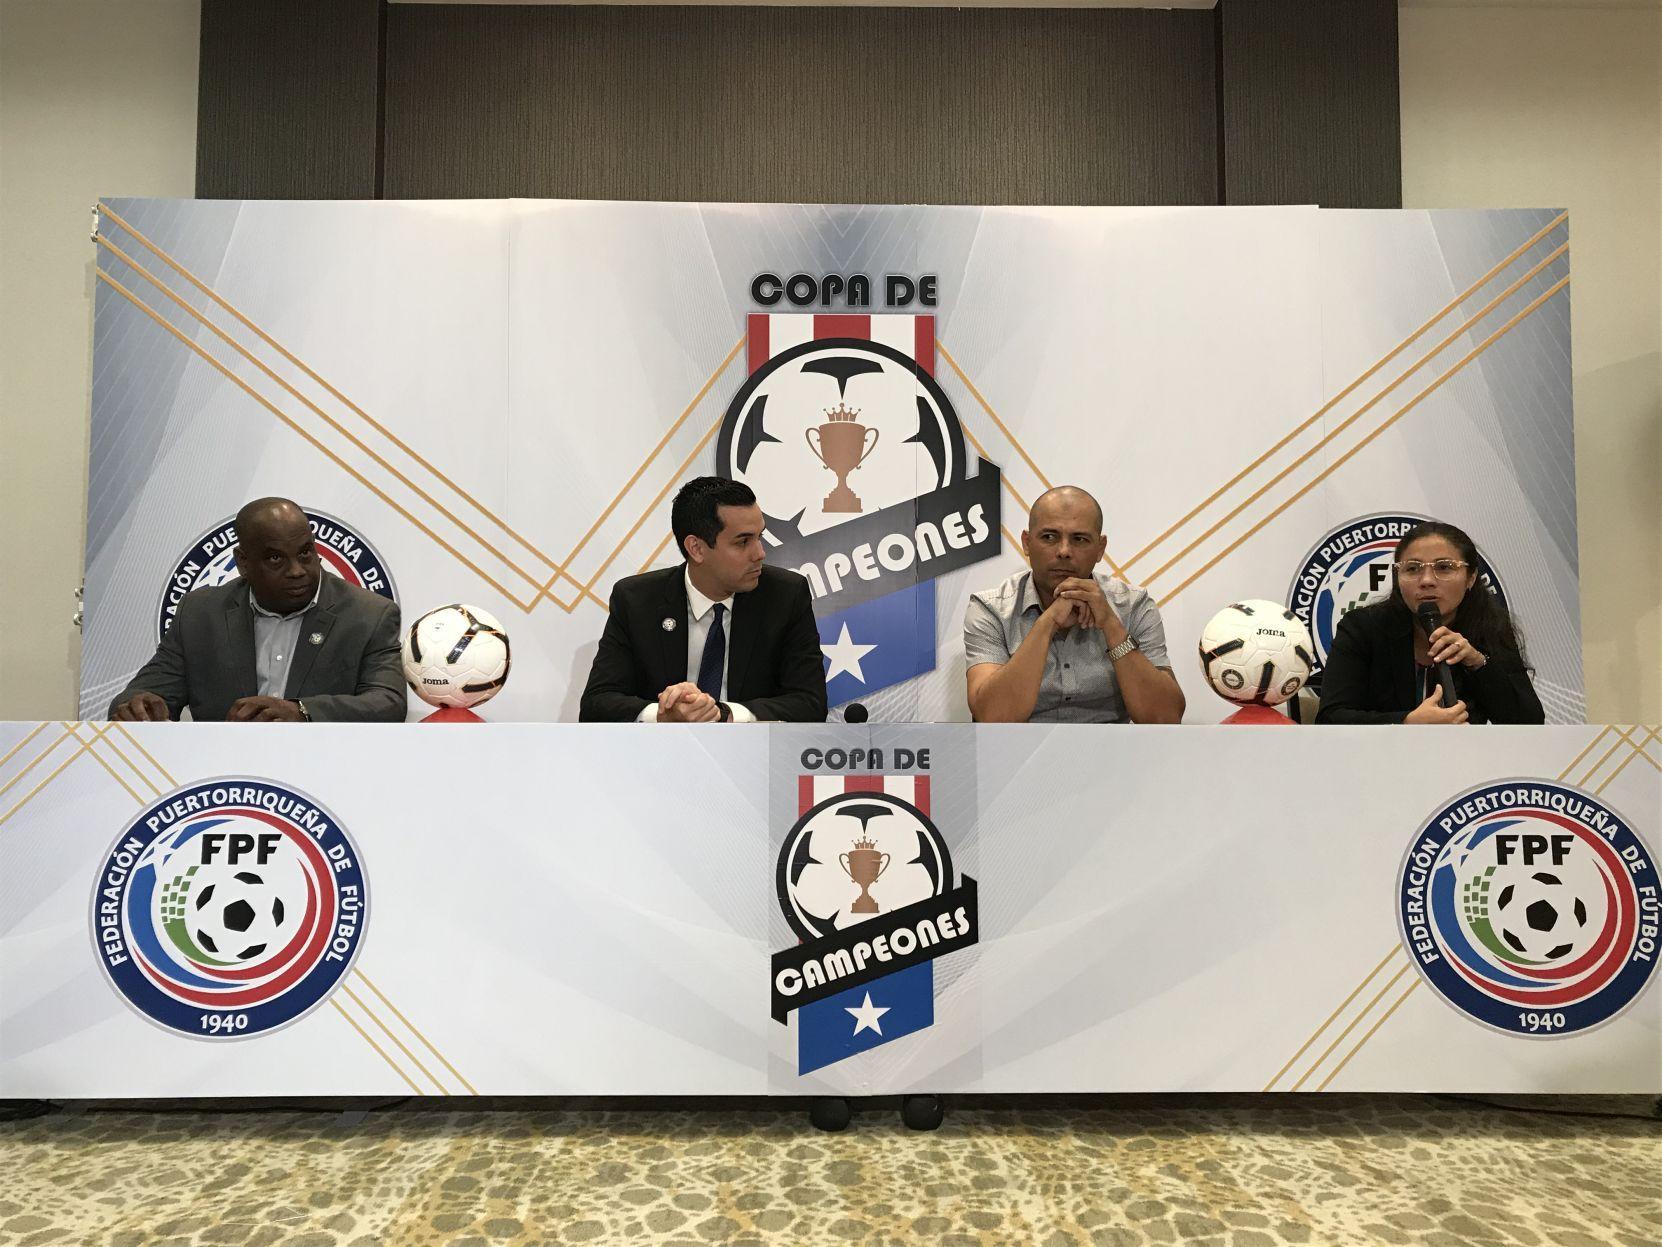 Finales de Copa de Campeones será en Bayamón